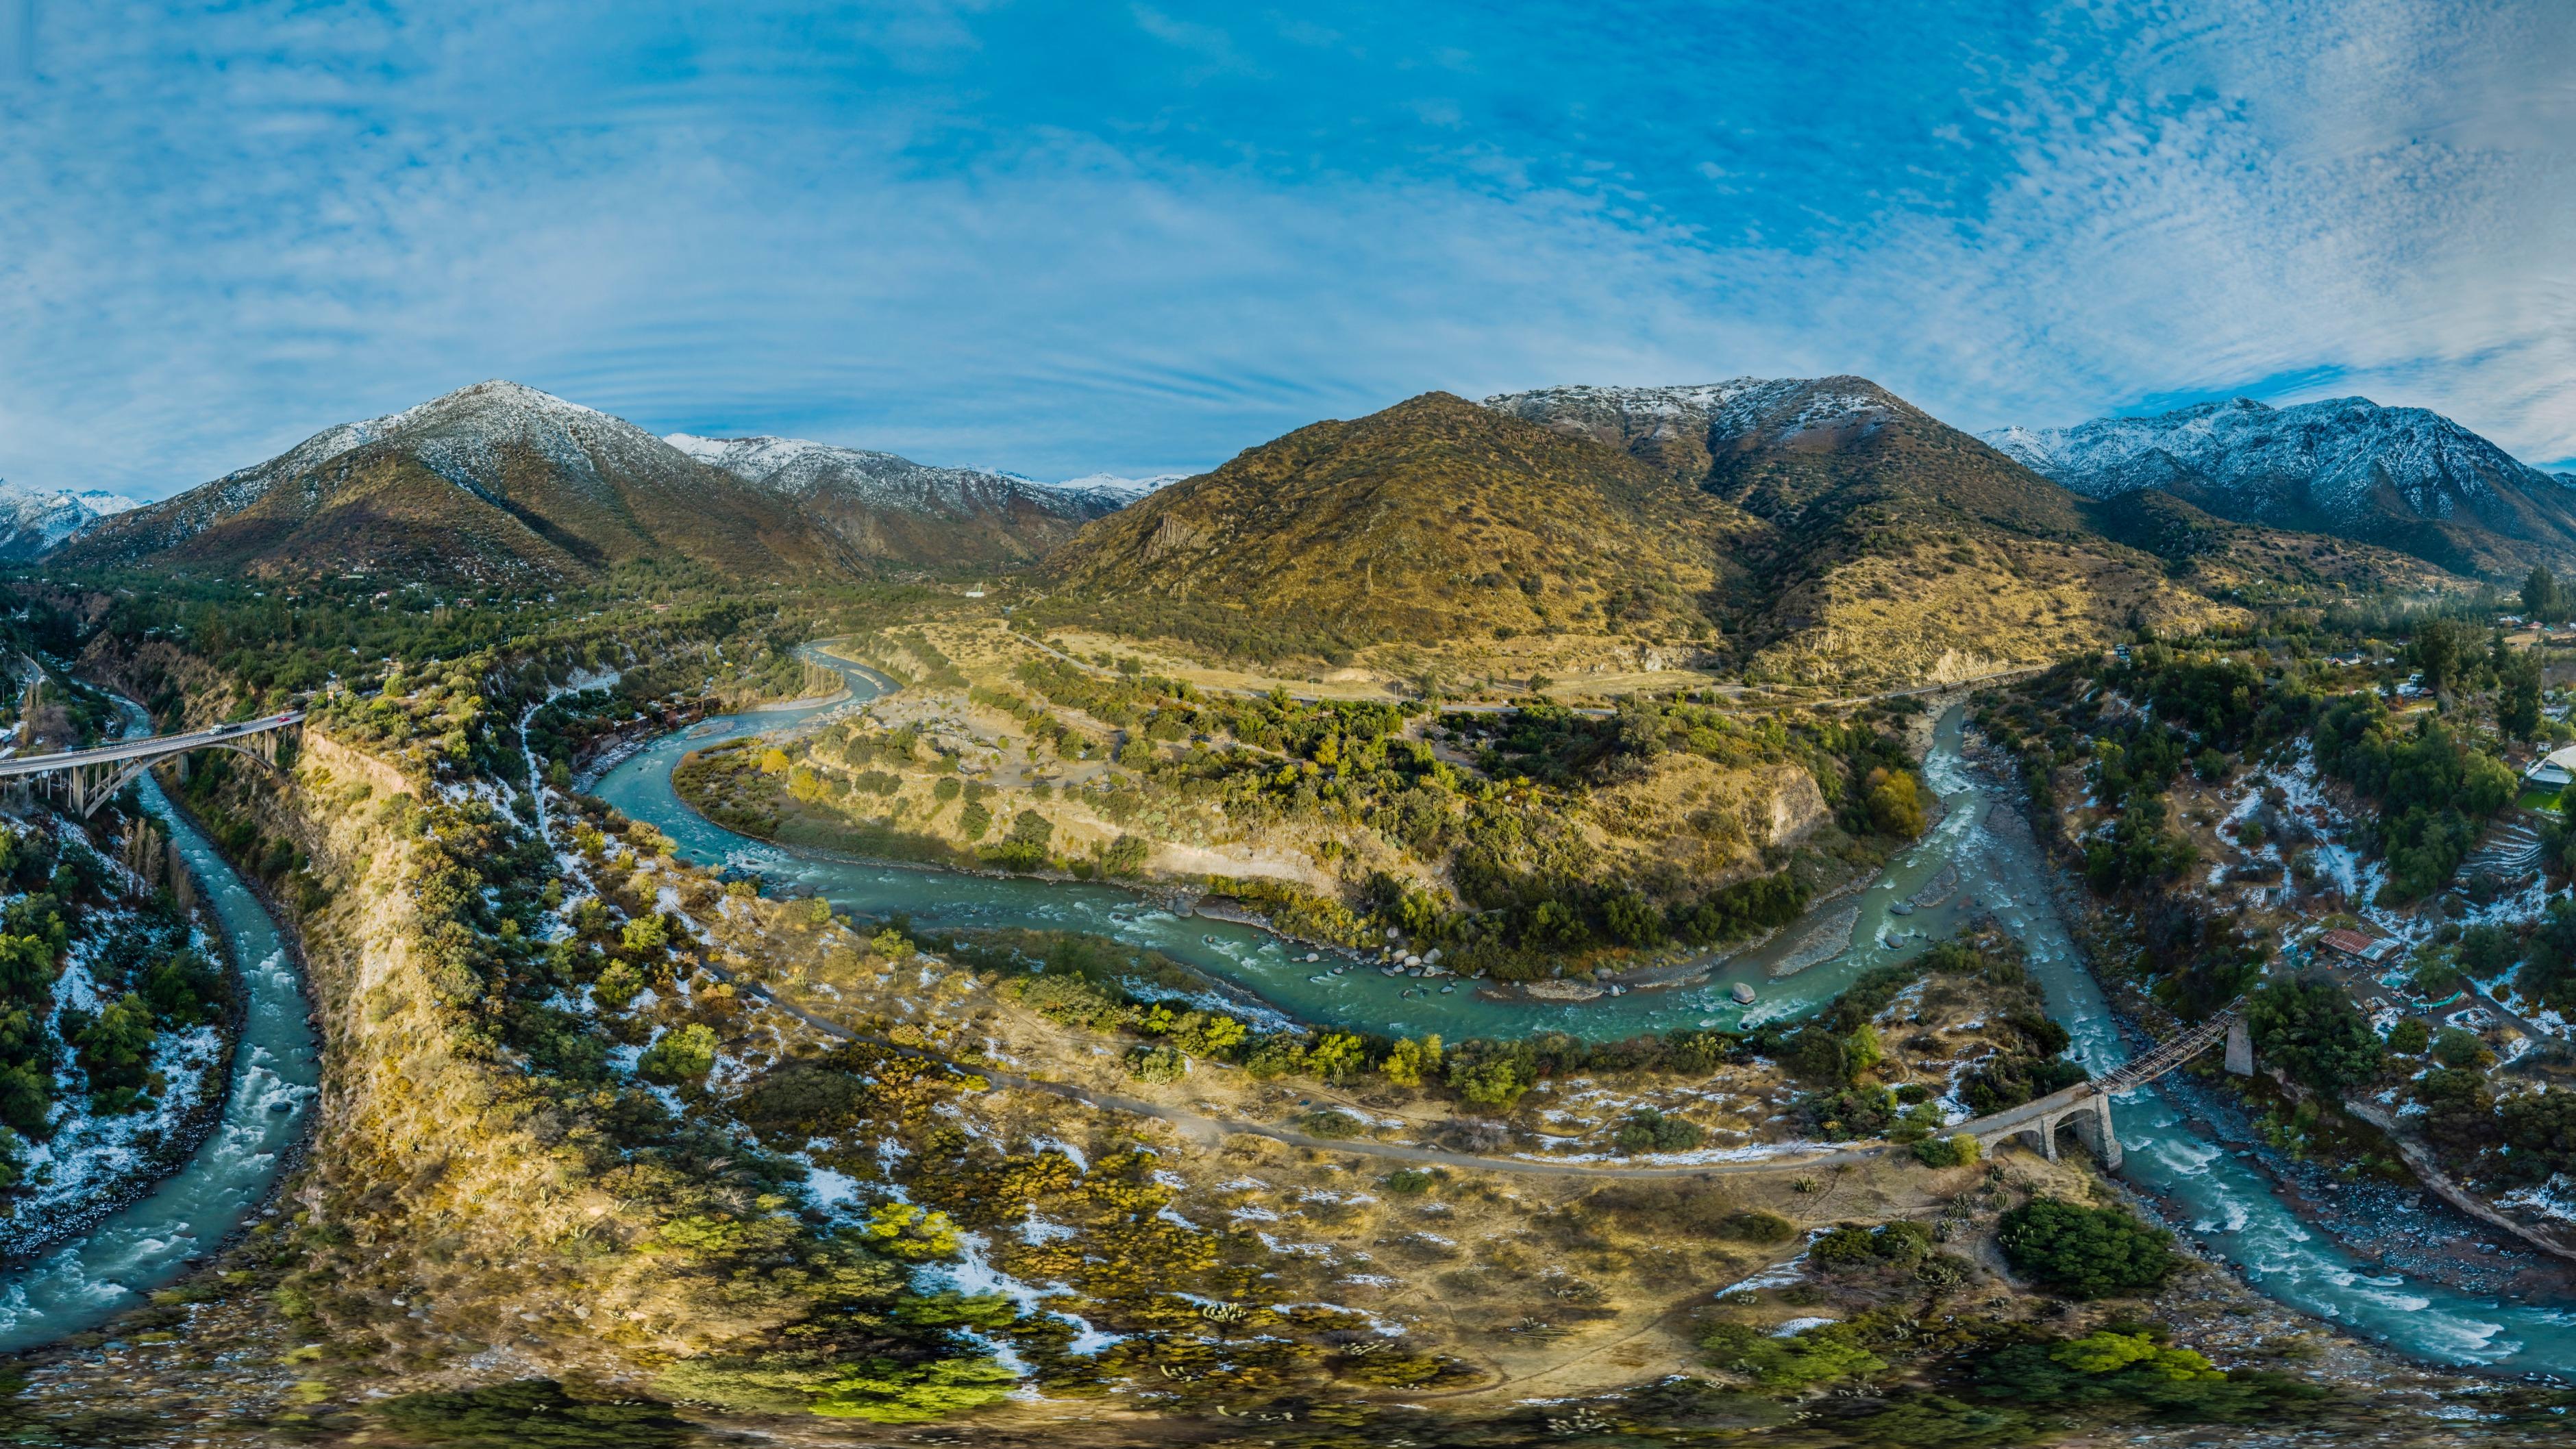 Río Colorado Cajón del Maipo